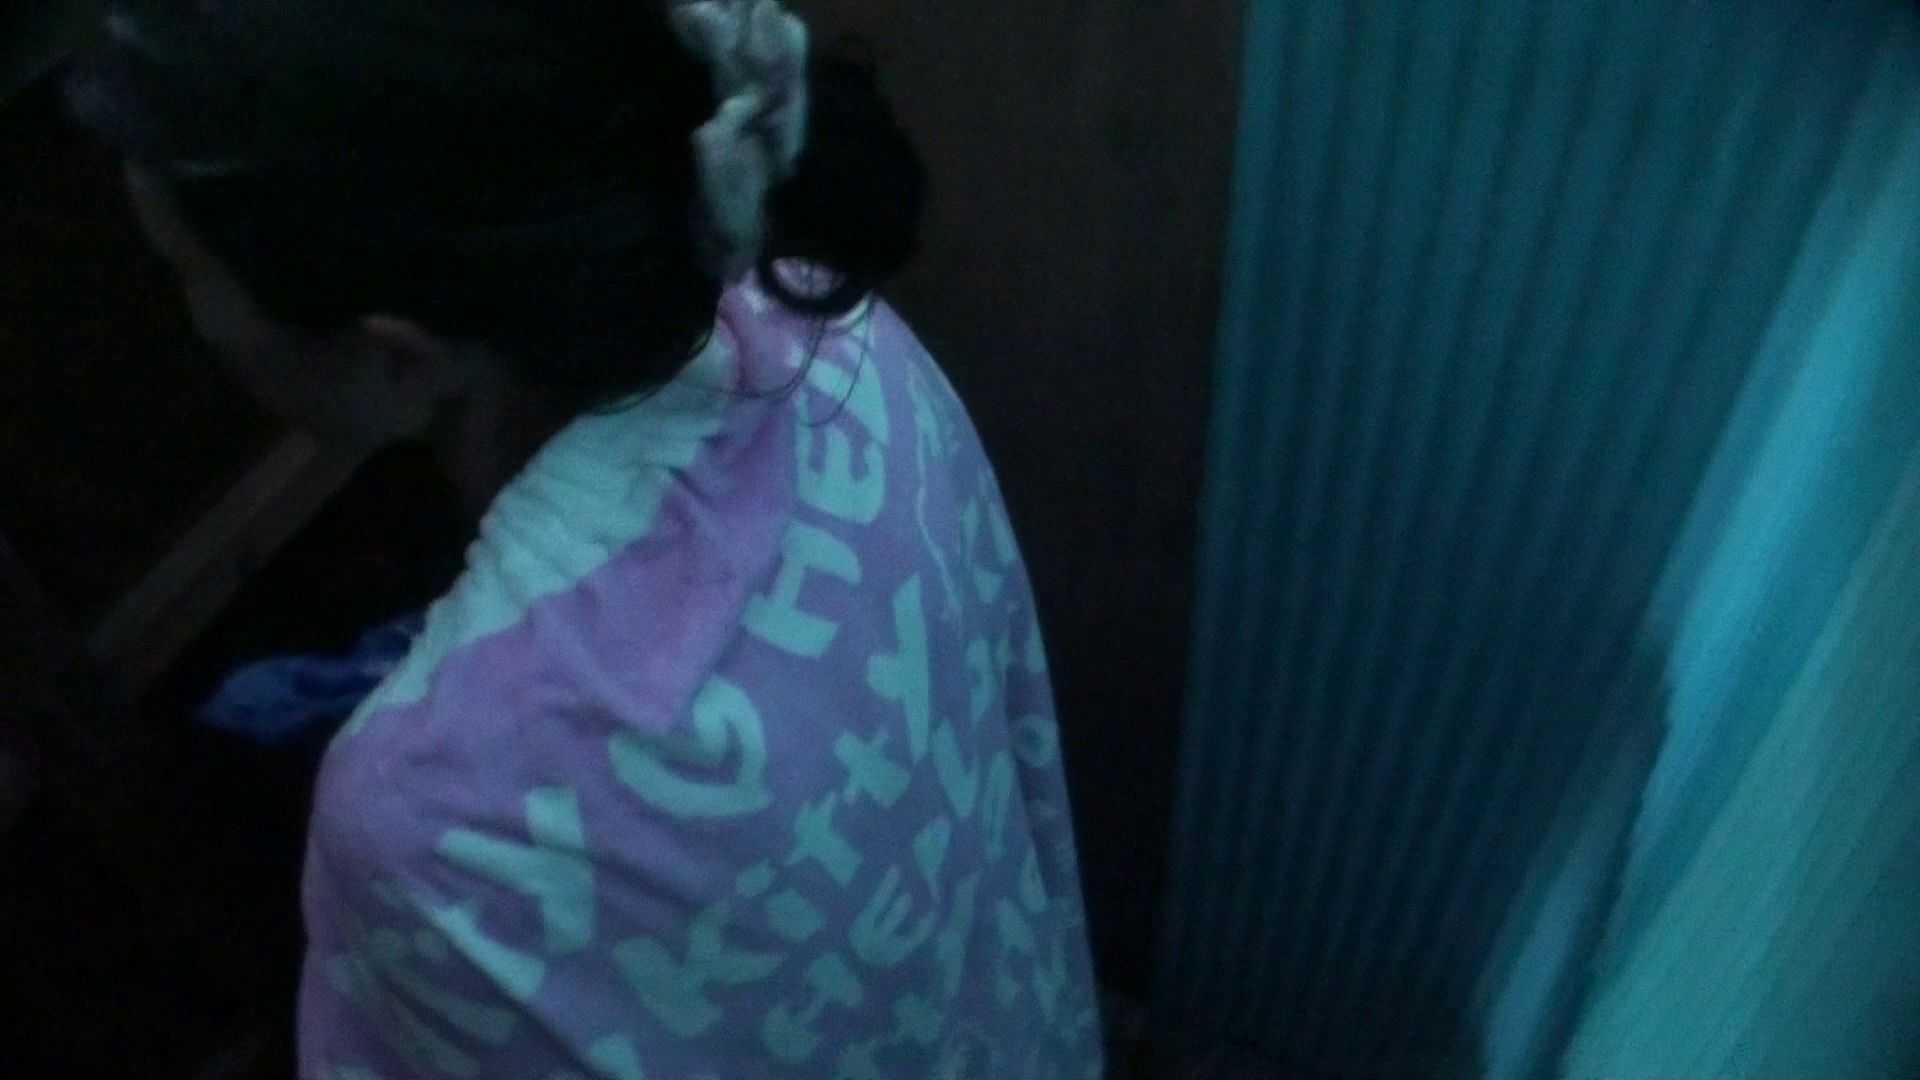 シャワールームは超!!危険な香りVol.26 大学生風美形ギャル 暗さが残念! シャワー すけべAV動画紹介 103PIX 3